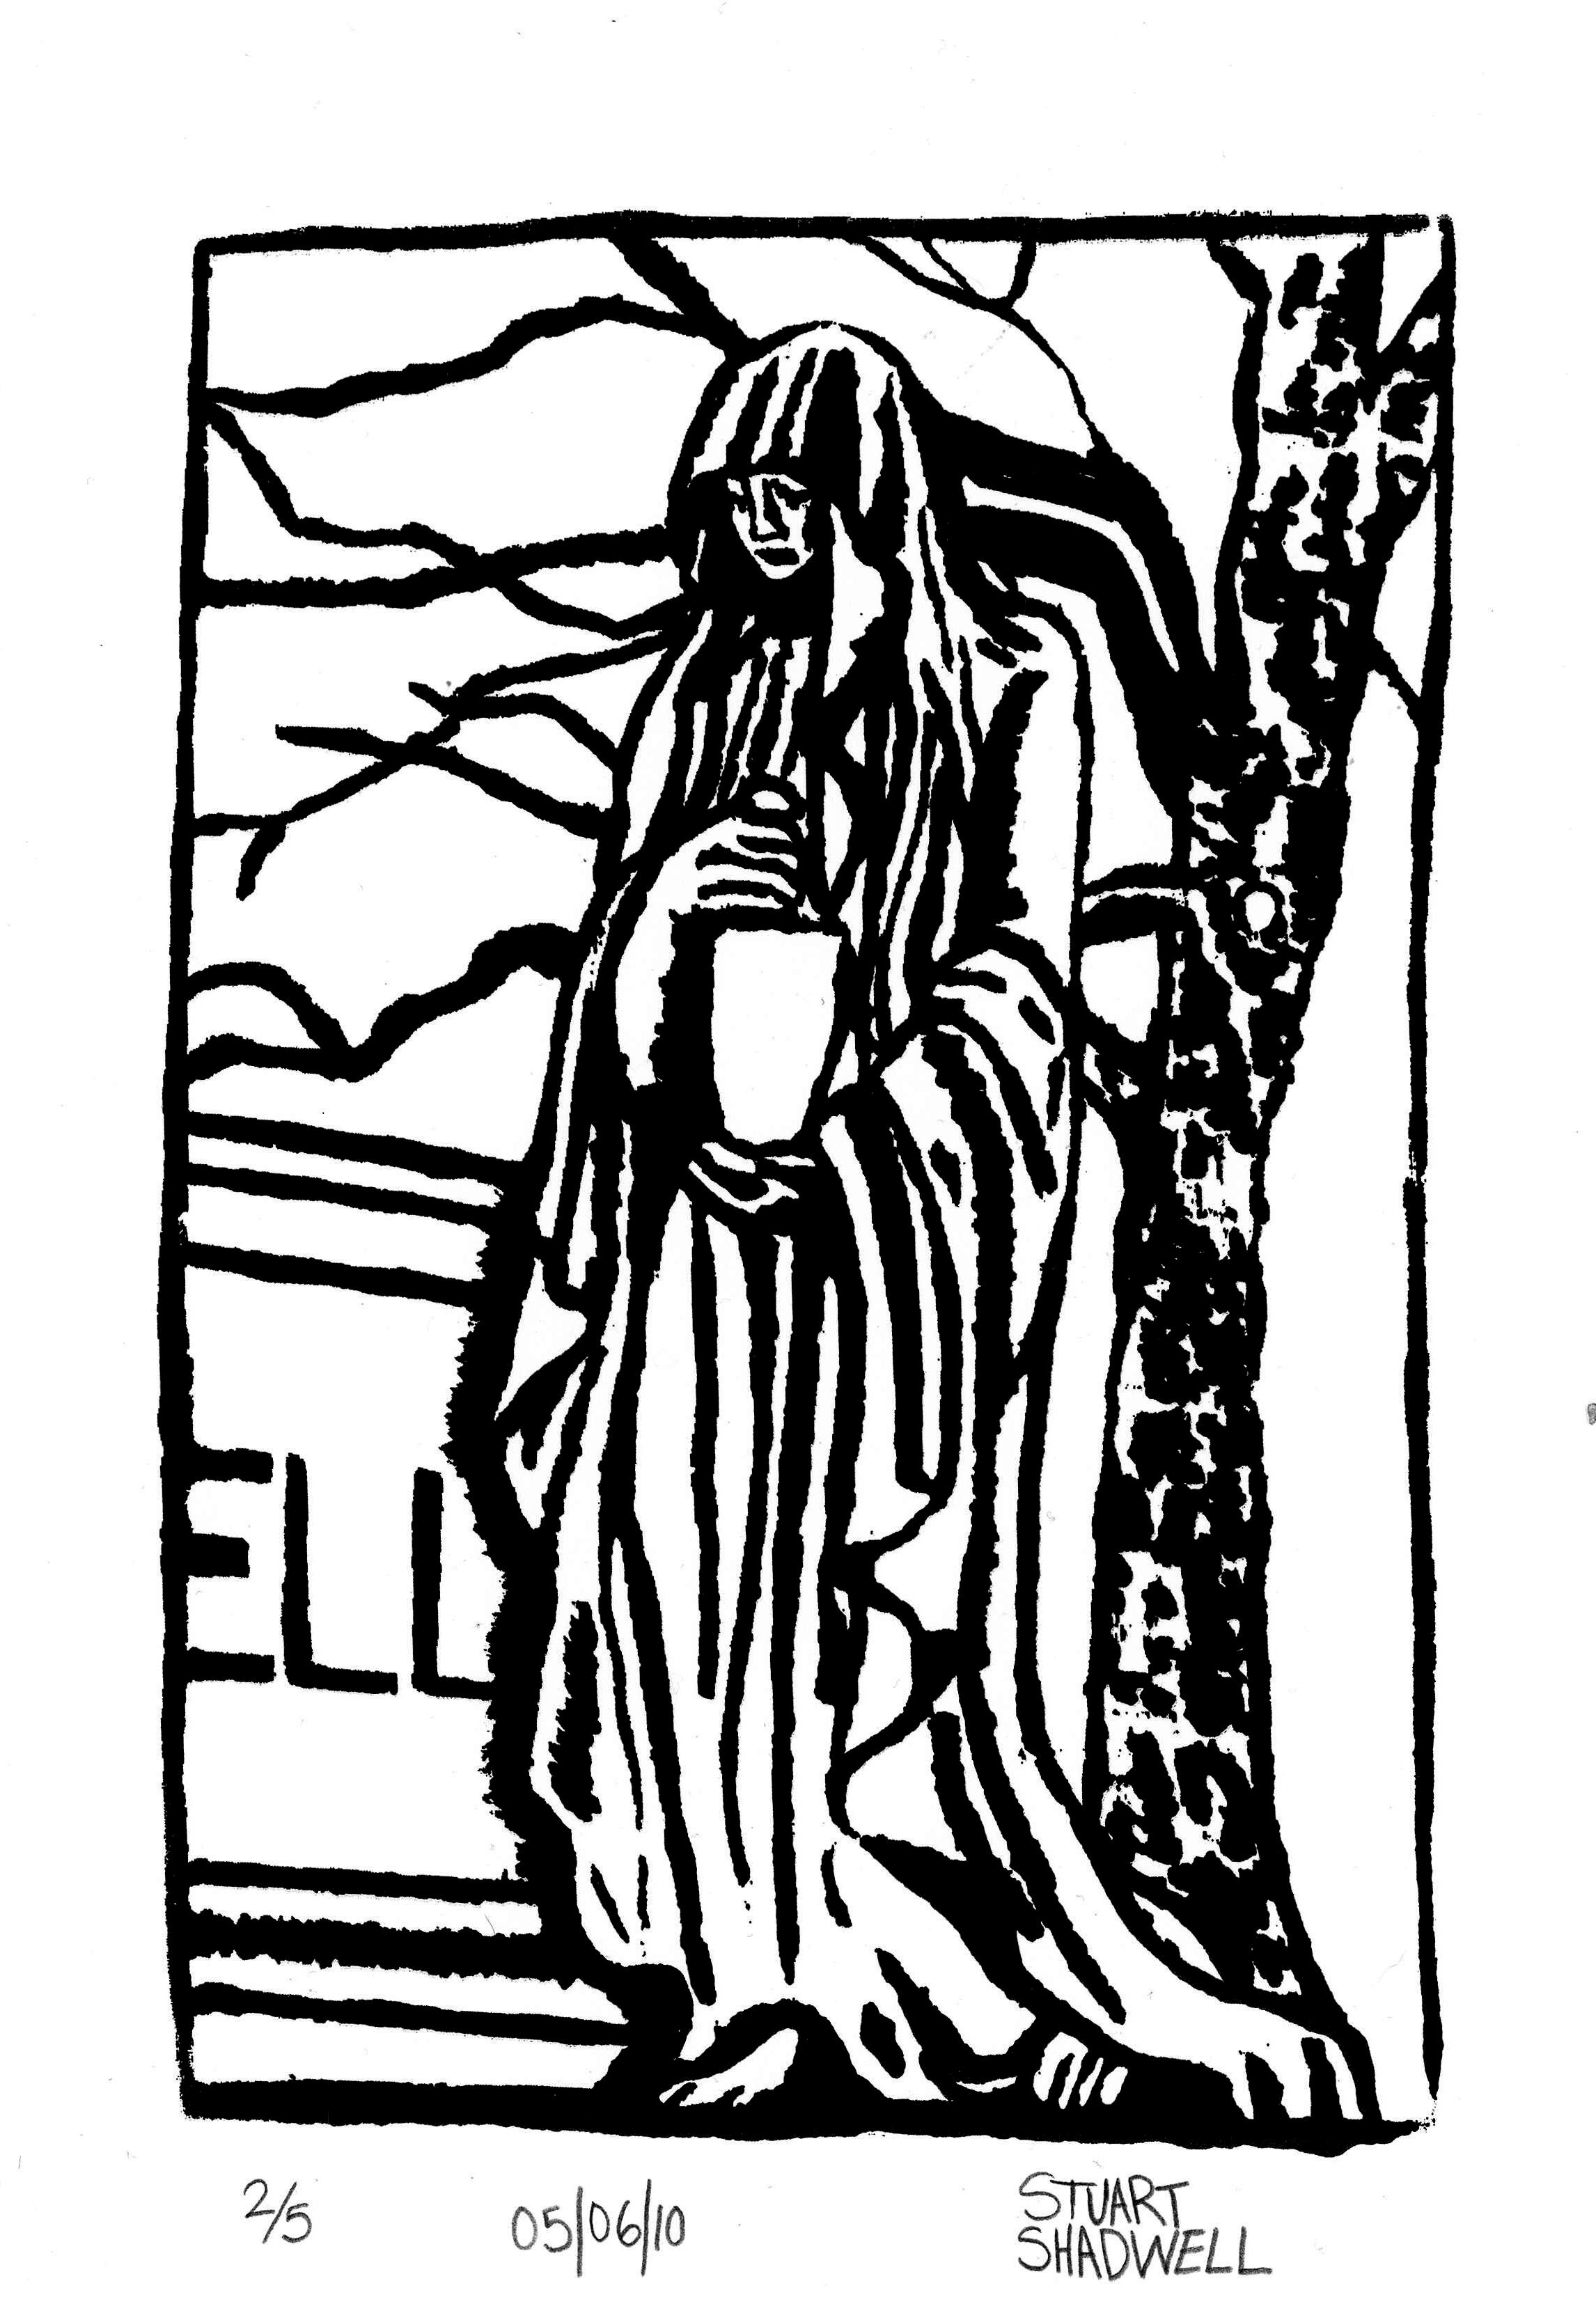 2292x3299 Lament Silk Screen Print By Stuart Shadwell Stuartshadwell@gmail